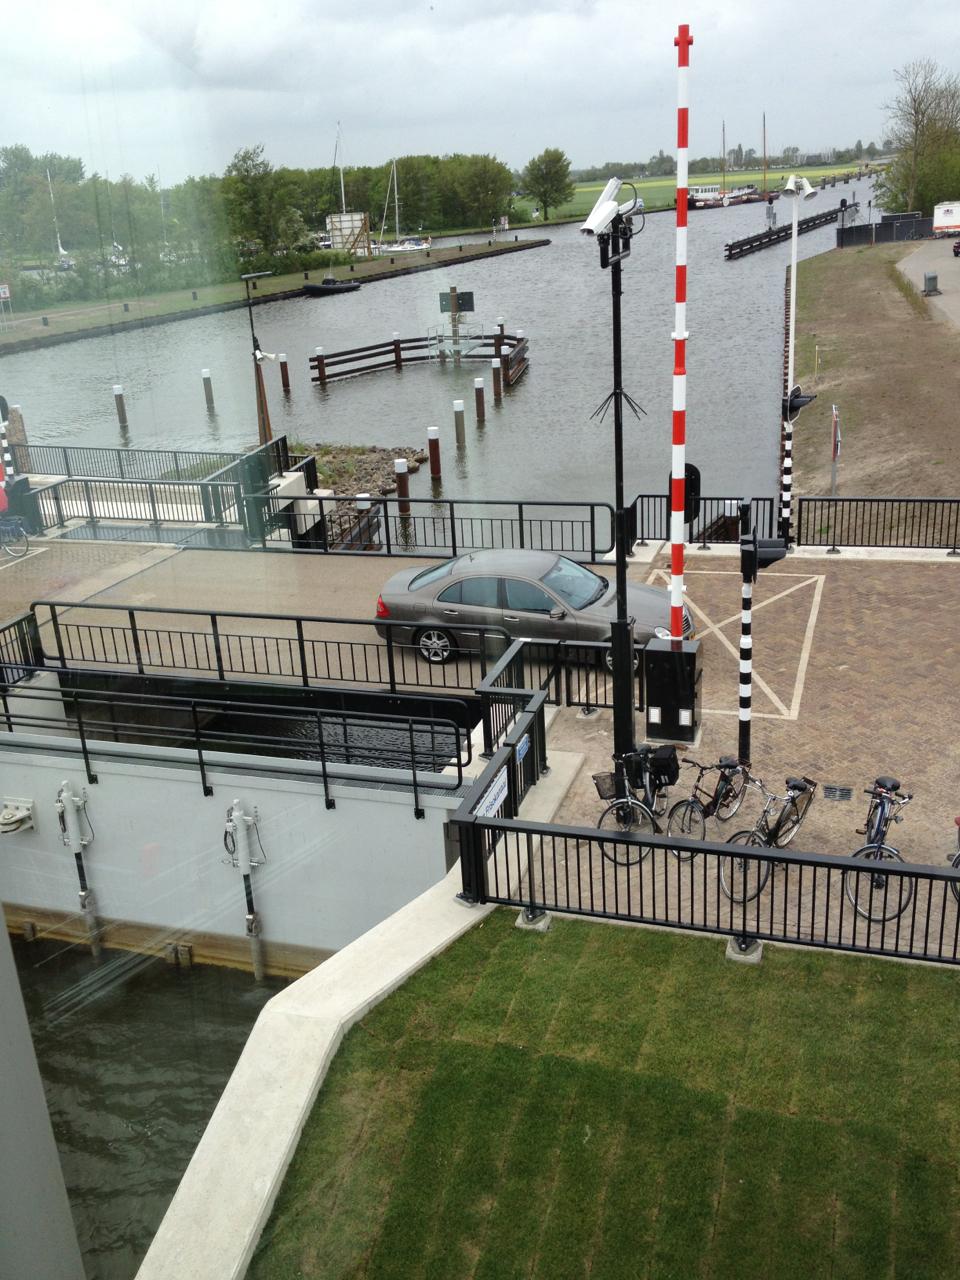 Slimme toepassingen om het energieverbruik te beperken zoals het terugwinnen van energie als de brug weer sluit.